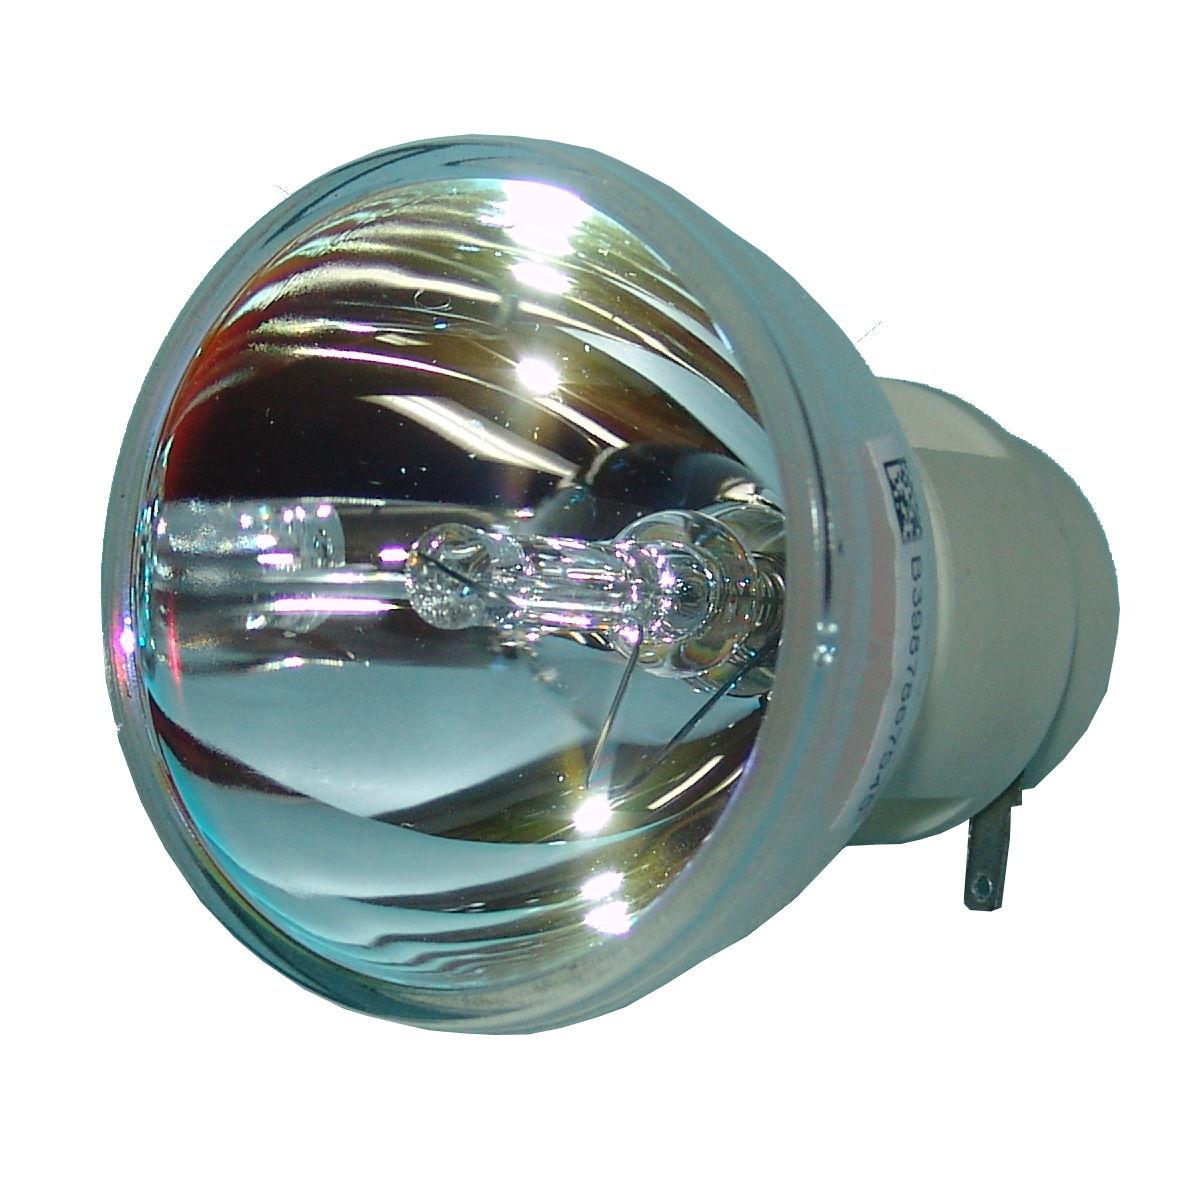 Compatble Bare Bulb P-VIP 220/1.0 E20.8 5811116713-SU for Vivitek D853W D851 D855ST D857WT D858WTPB D856STPB Projector Lamp Bulb original projector lamp 5811116713 su replacement lamp for vivitek d853w d855st d856stpb d857wt d858wtpb d850 d856st projectors